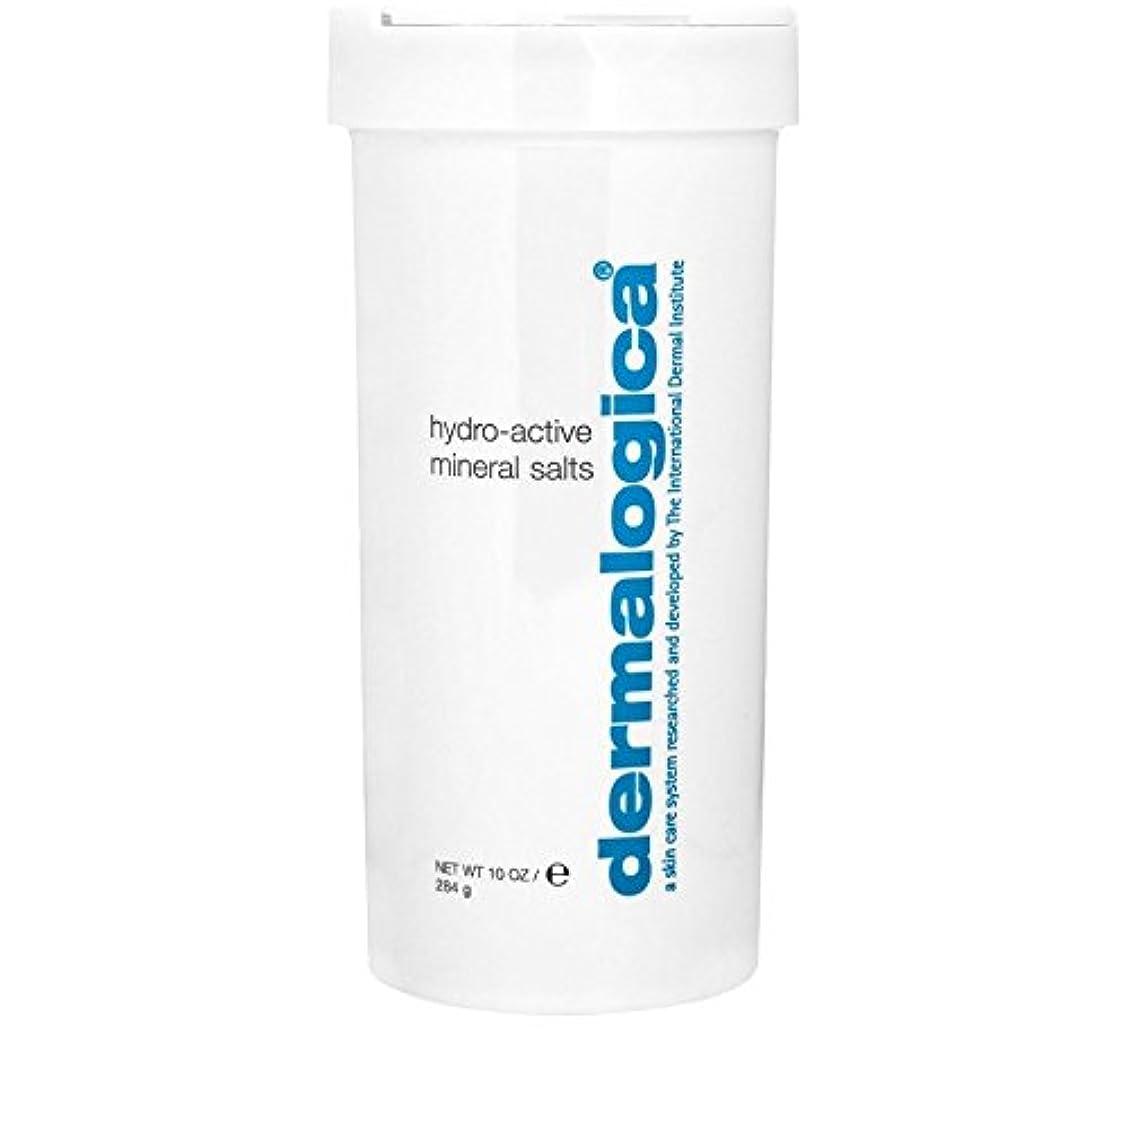 ボウリング必要とするキャンセルDermalogica Hydro Active Mineral Salt 284g - ダーマロジカ水力アクティブミネラル塩284グラム [並行輸入品]